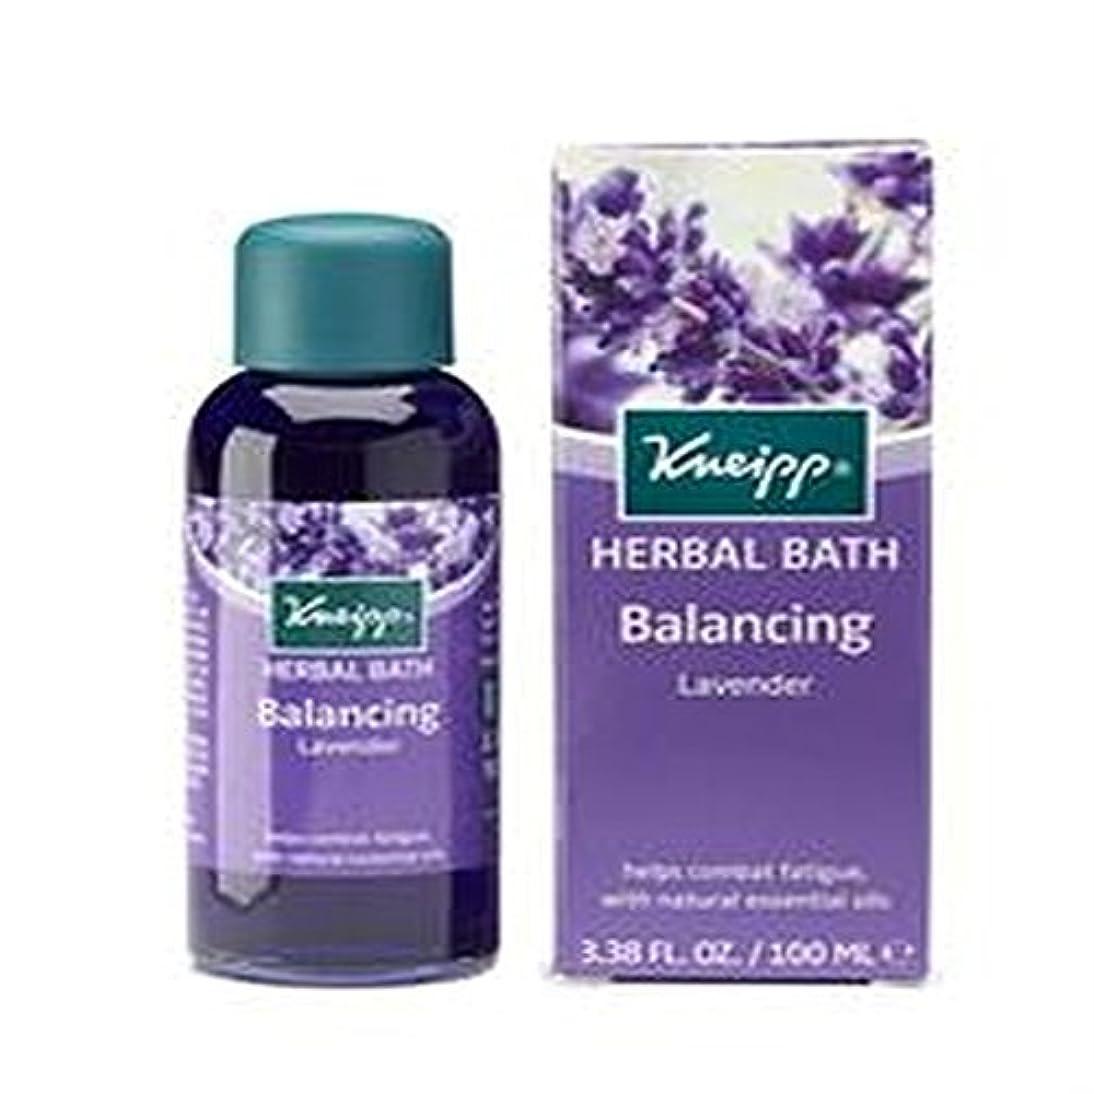 始める忌まわしい再撮りKneipp Balancing Lavender Herbal Bath - 3.38 Oz. (並行輸入品) [並行輸入品]